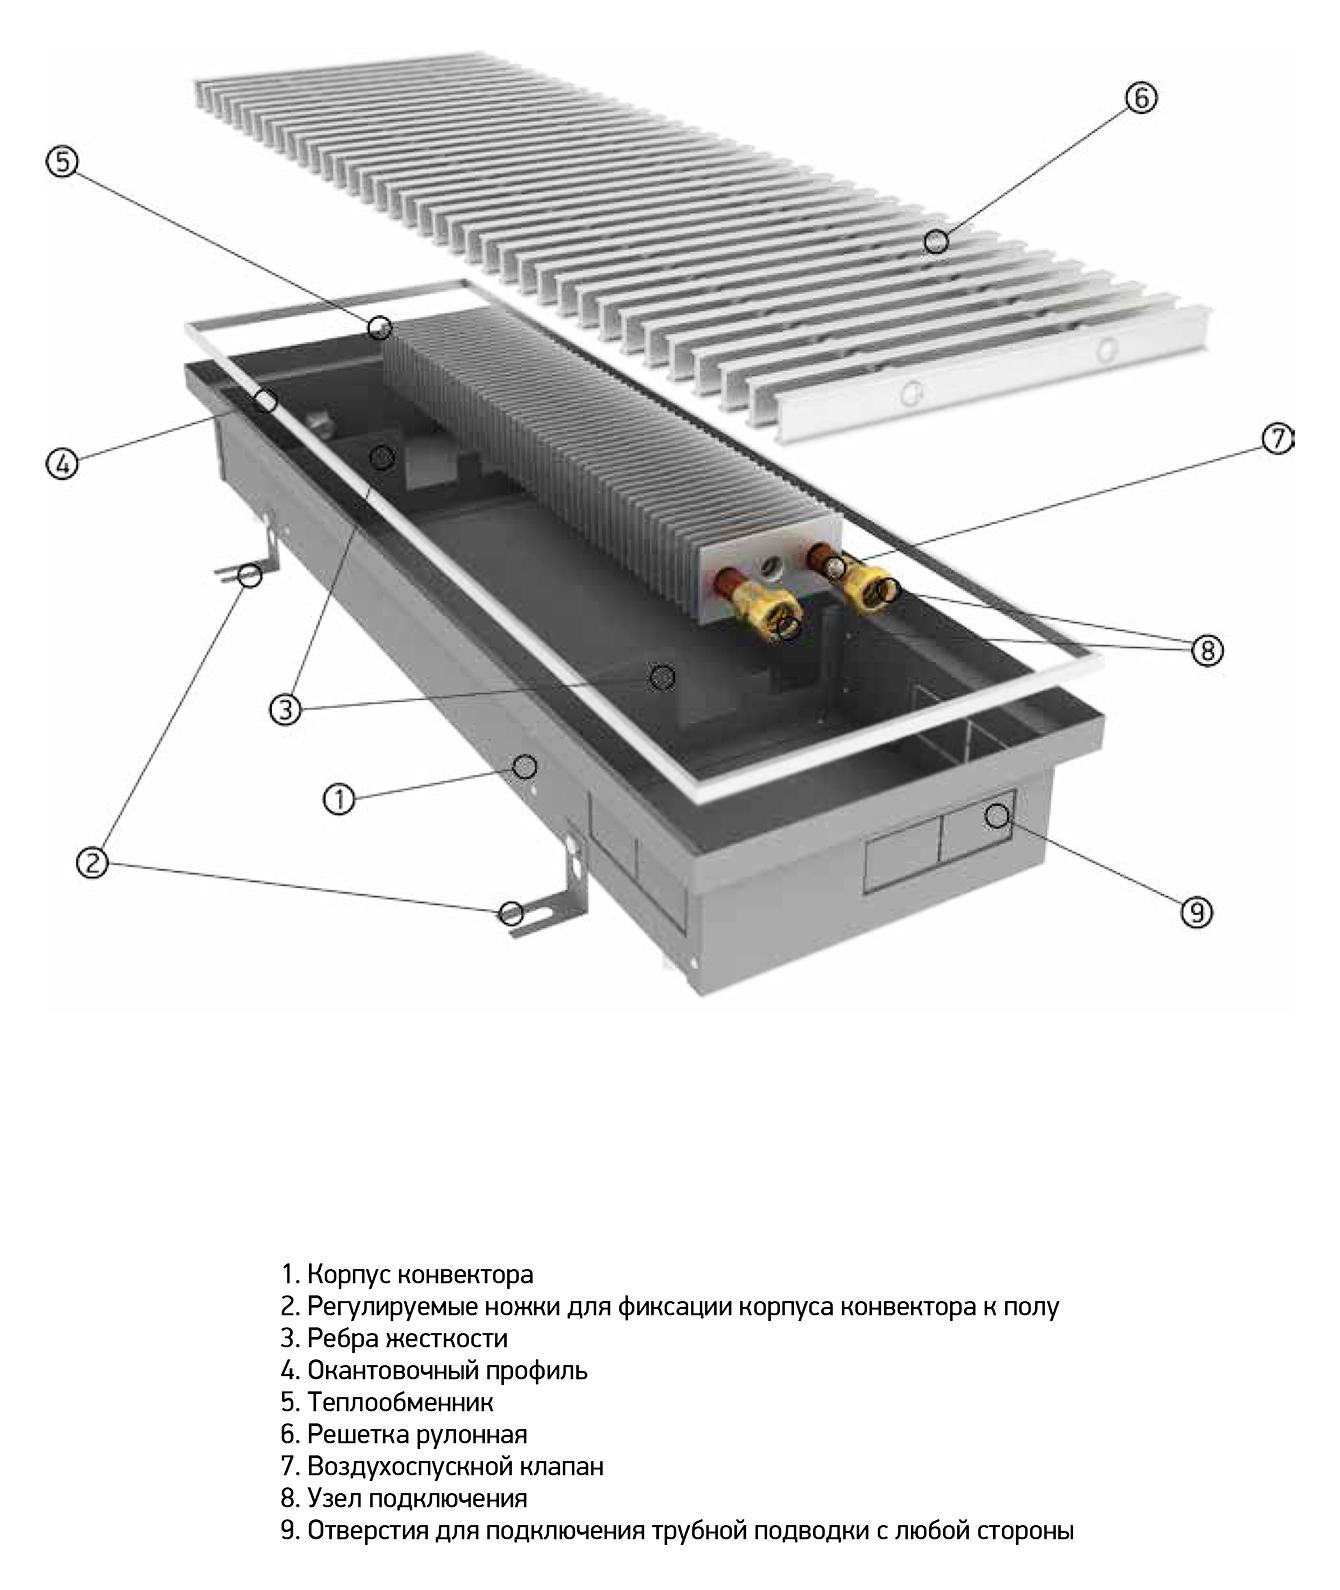 Водяные конвекторы отопления, встраиваемые в пол: разновидности и характеристики